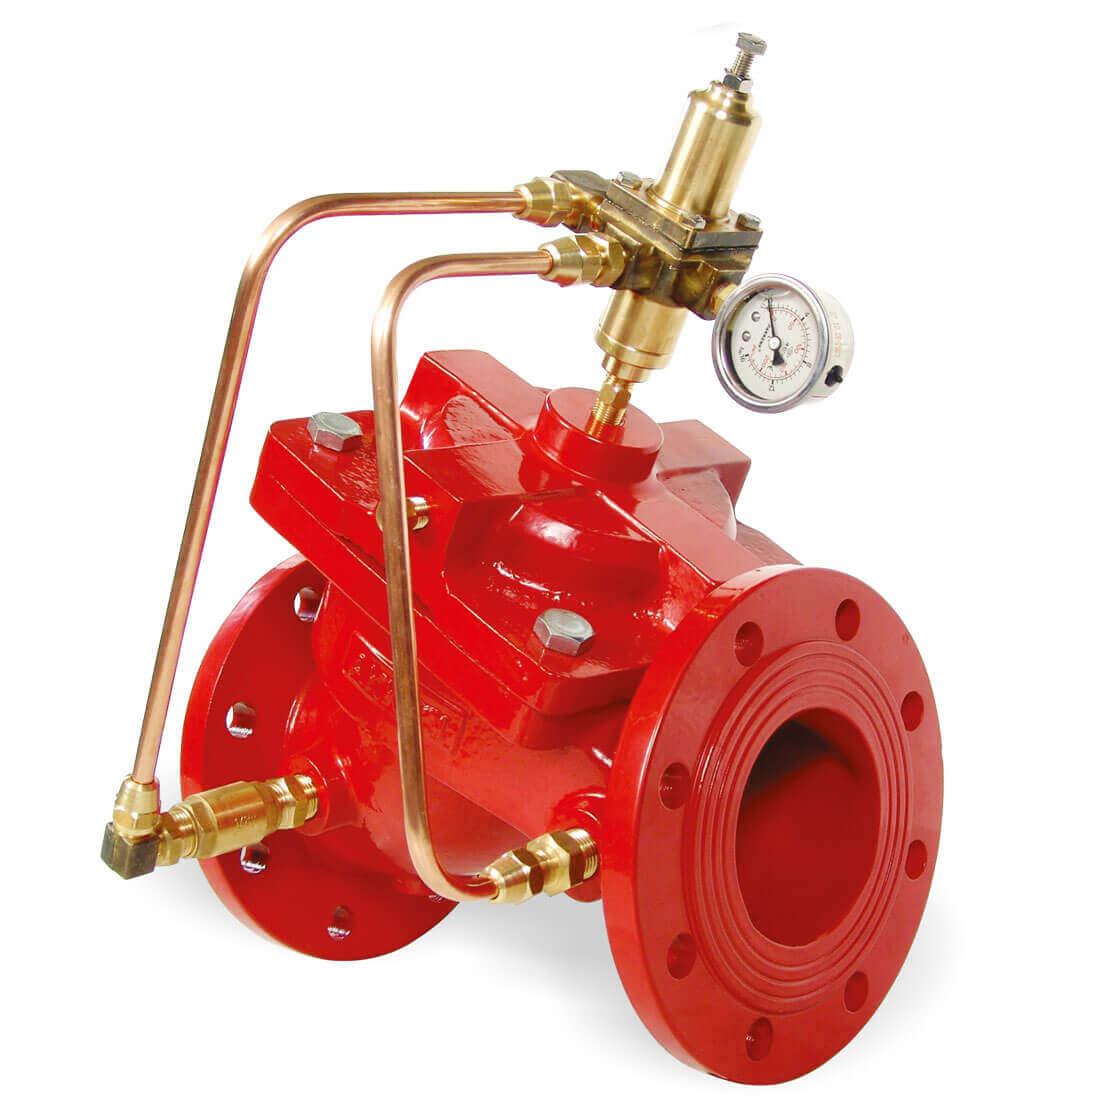 Hızlı Basınç Tahliye Kontrol Vanası Yangın Söndürme Sistem Vanaları